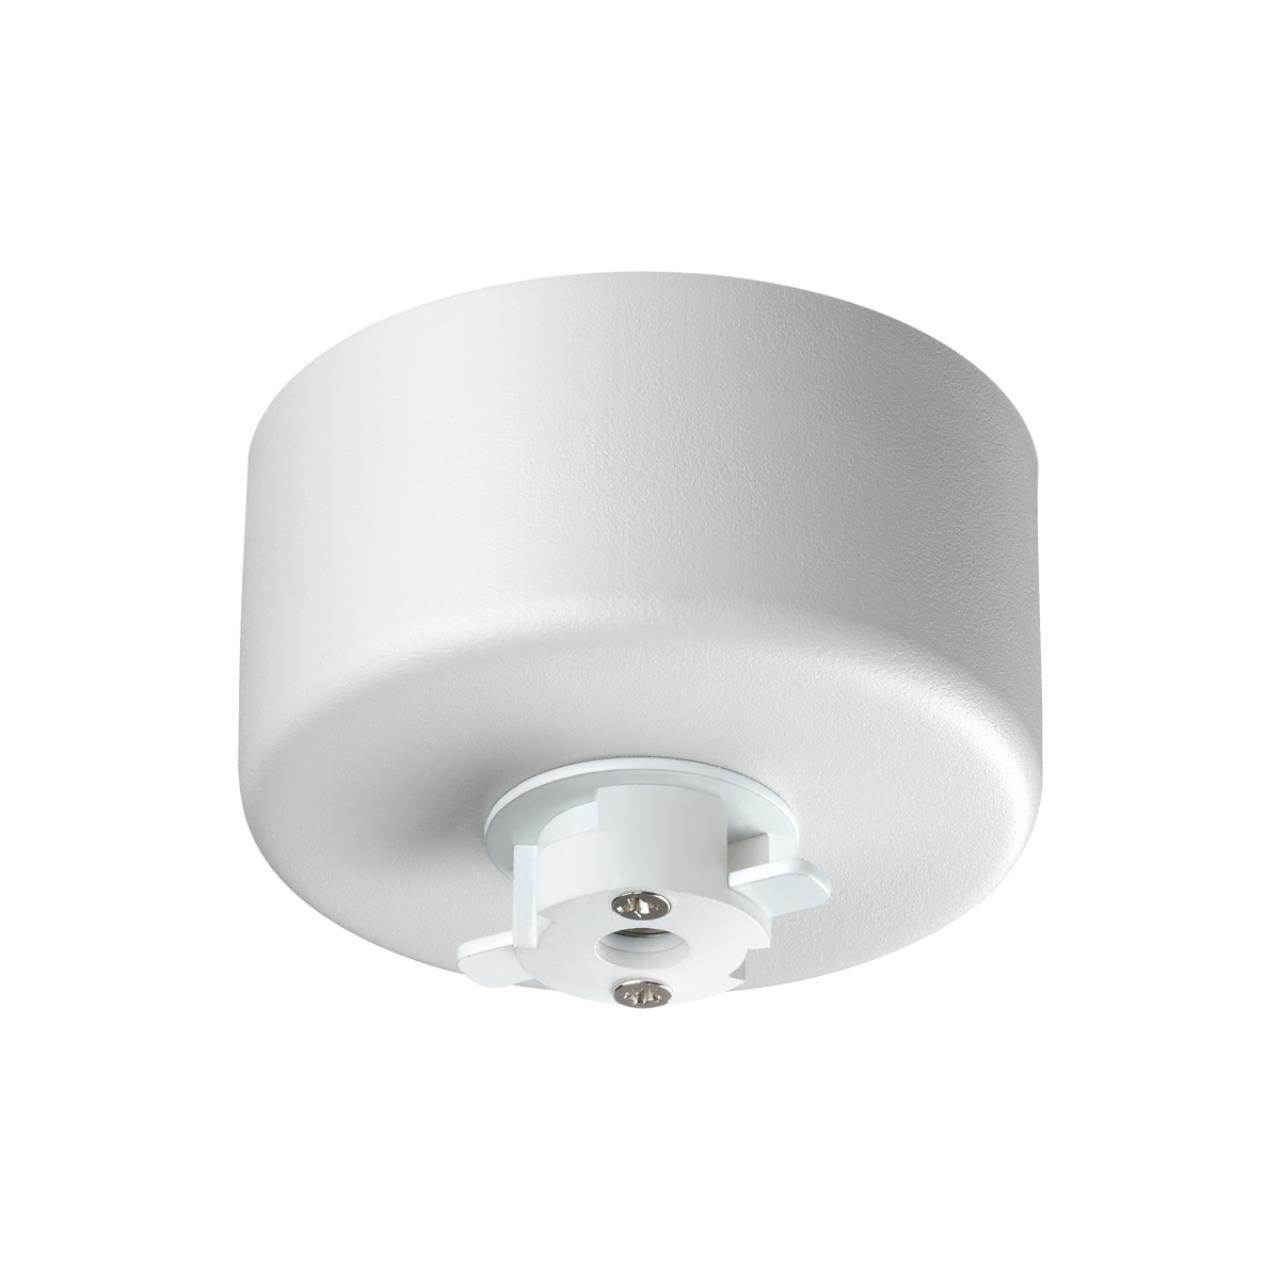 Корпус накладной с драйвером для светильников с арт. 358377-358392 NOVOTECH COMPO 358368